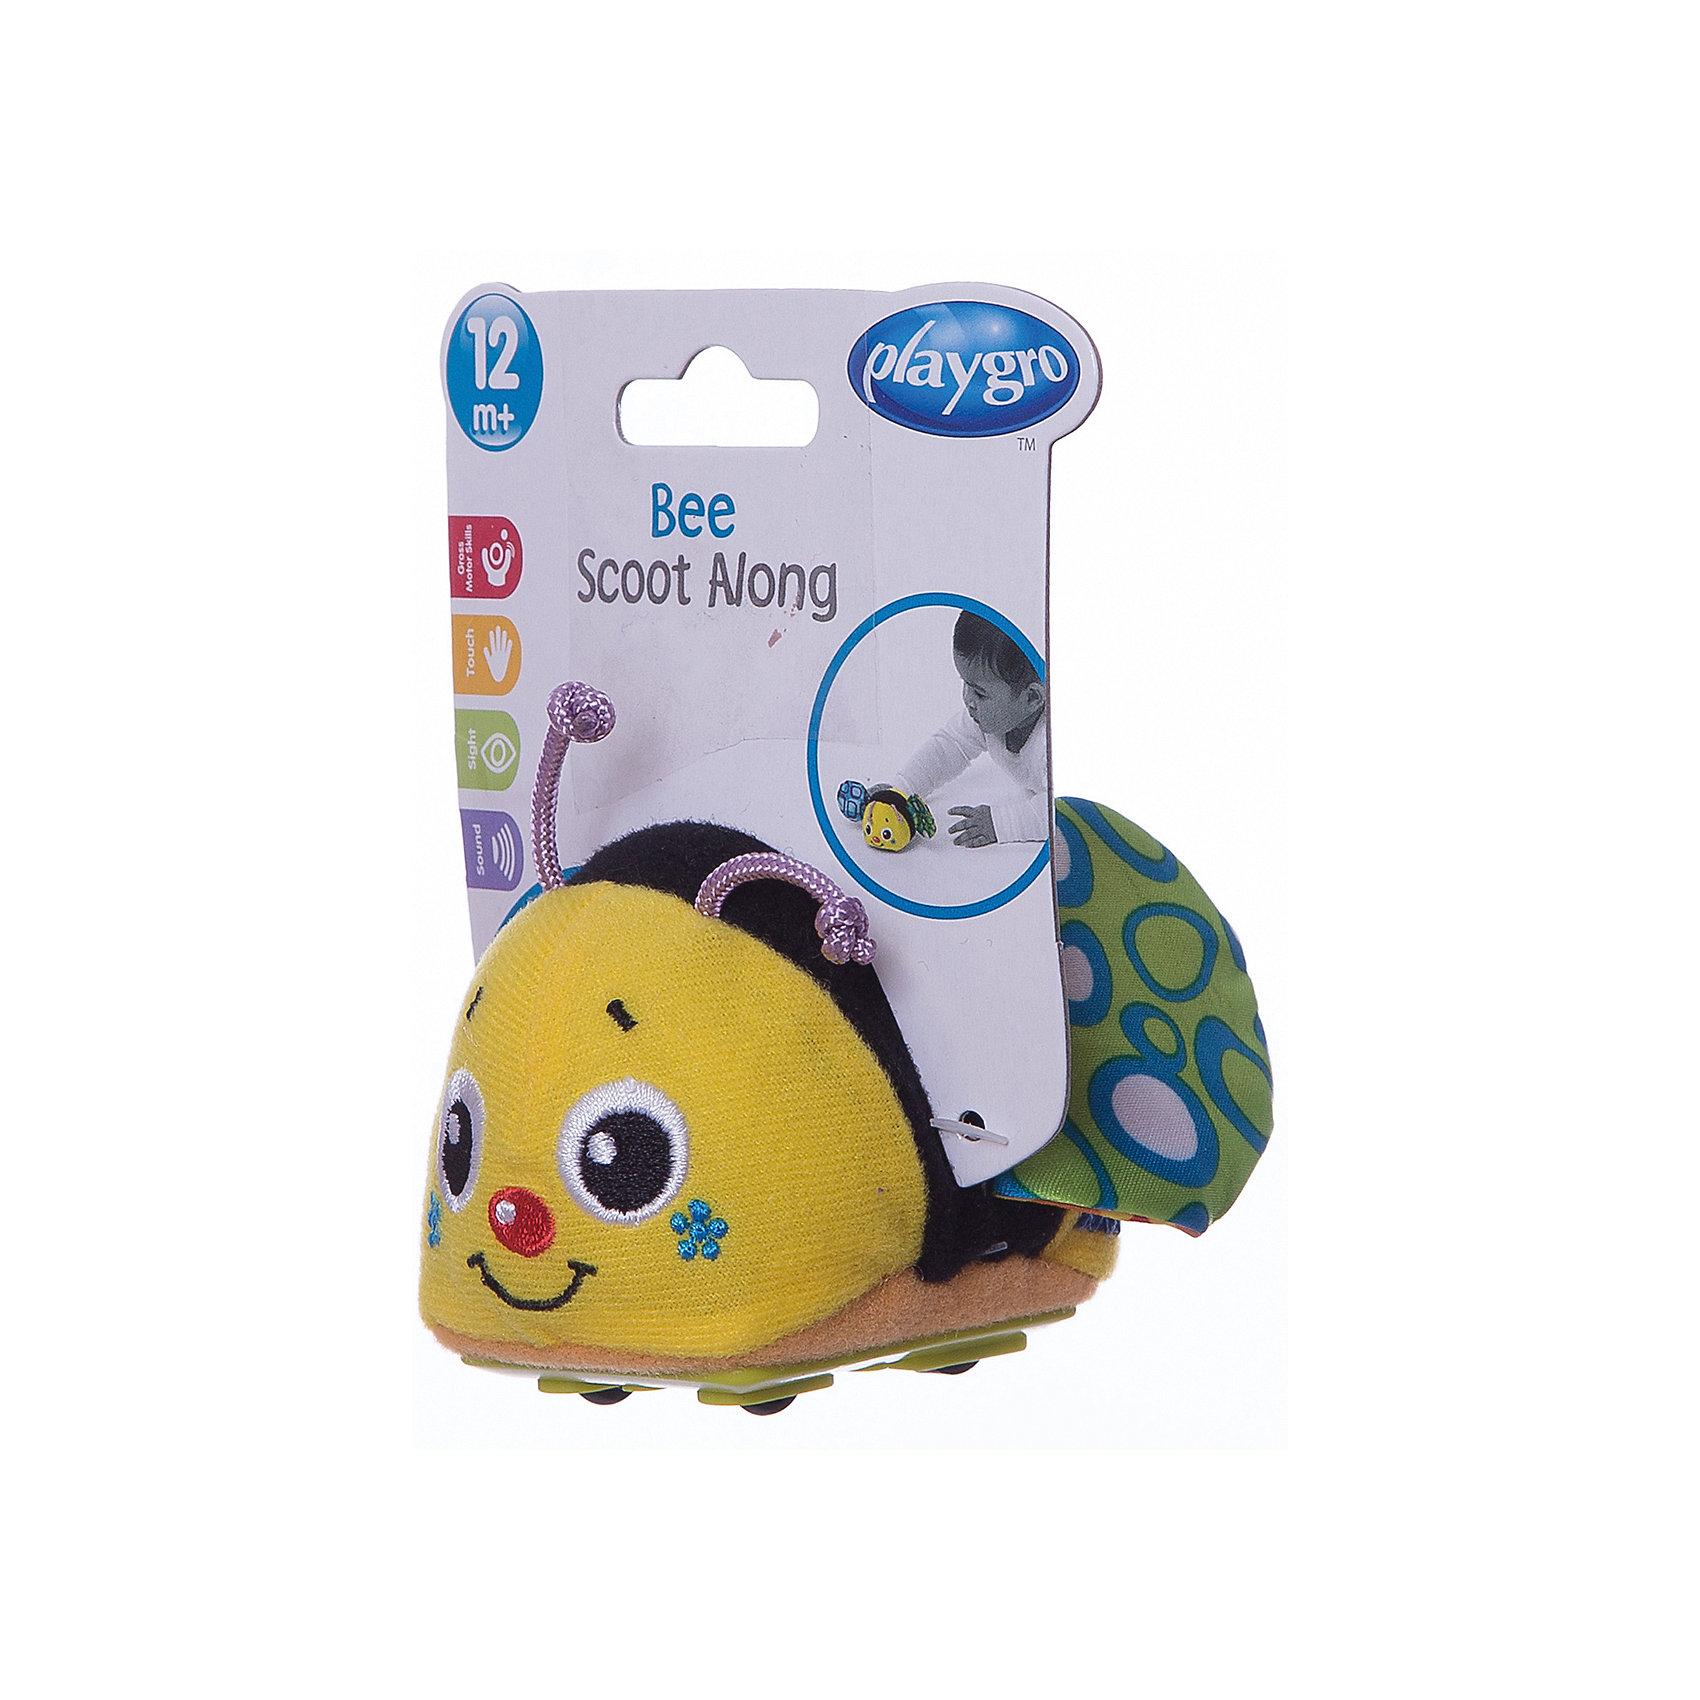 Игрушка инерционная Пчелка, PlaygroРазвивающие игрушки<br>Креативная игрушка Пчелка принесет ребенку много радости и веселья. Внутри игрушки находится инерционный механизм: если оттянуть ее назад и отпустить, и она моментально убежит вперед. При движении симпатичная пчелка издает характерные звуки, которые развивают слуховое восприятие ребенка.<br><br>Дополнительная информация:<br><br>- Возраст: от 6 месяцев до 3 лет<br>- Материал: пластик, текстиль<br>- Размер: 8х7х8 см<br>- Вес: 0.05 кг<br><br>Игрушку инерционная Пчелка, Playgro можно купить в нашем интернет-магазине.<br><br>Ширина мм: 80<br>Глубина мм: 70<br>Высота мм: 80<br>Вес г: 50<br>Возраст от месяцев: 6<br>Возраст до месяцев: 36<br>Пол: Унисекс<br>Возраст: Детский<br>SKU: 4779539